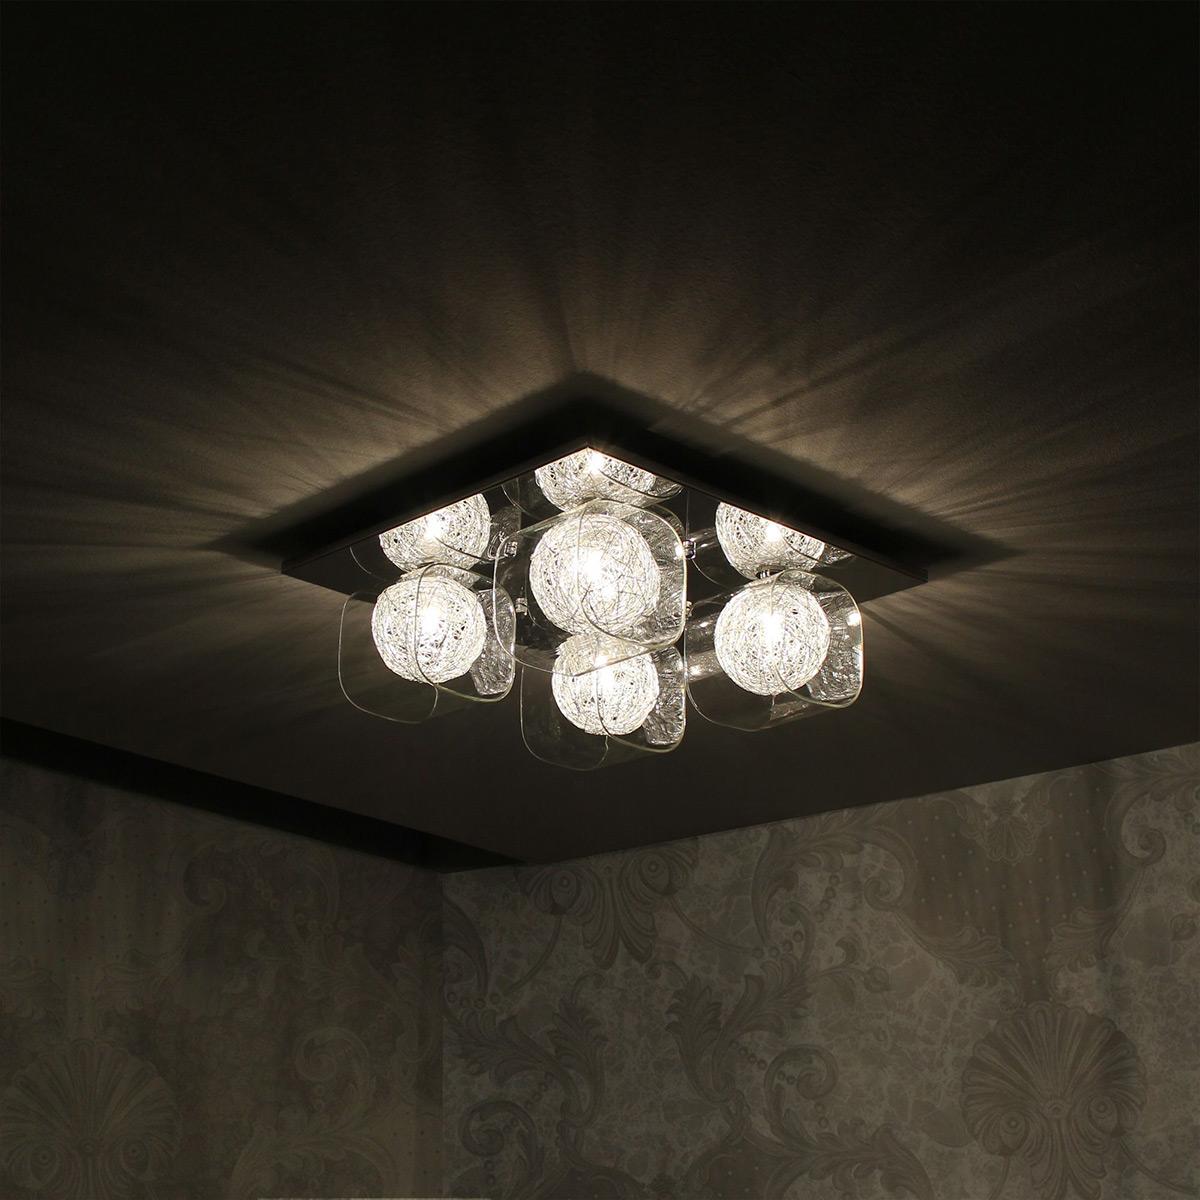 lux pro deckenleuchte deckenlampe lampe leuchte mesh kristall - Beleuchtung Wohnzimmer Lux